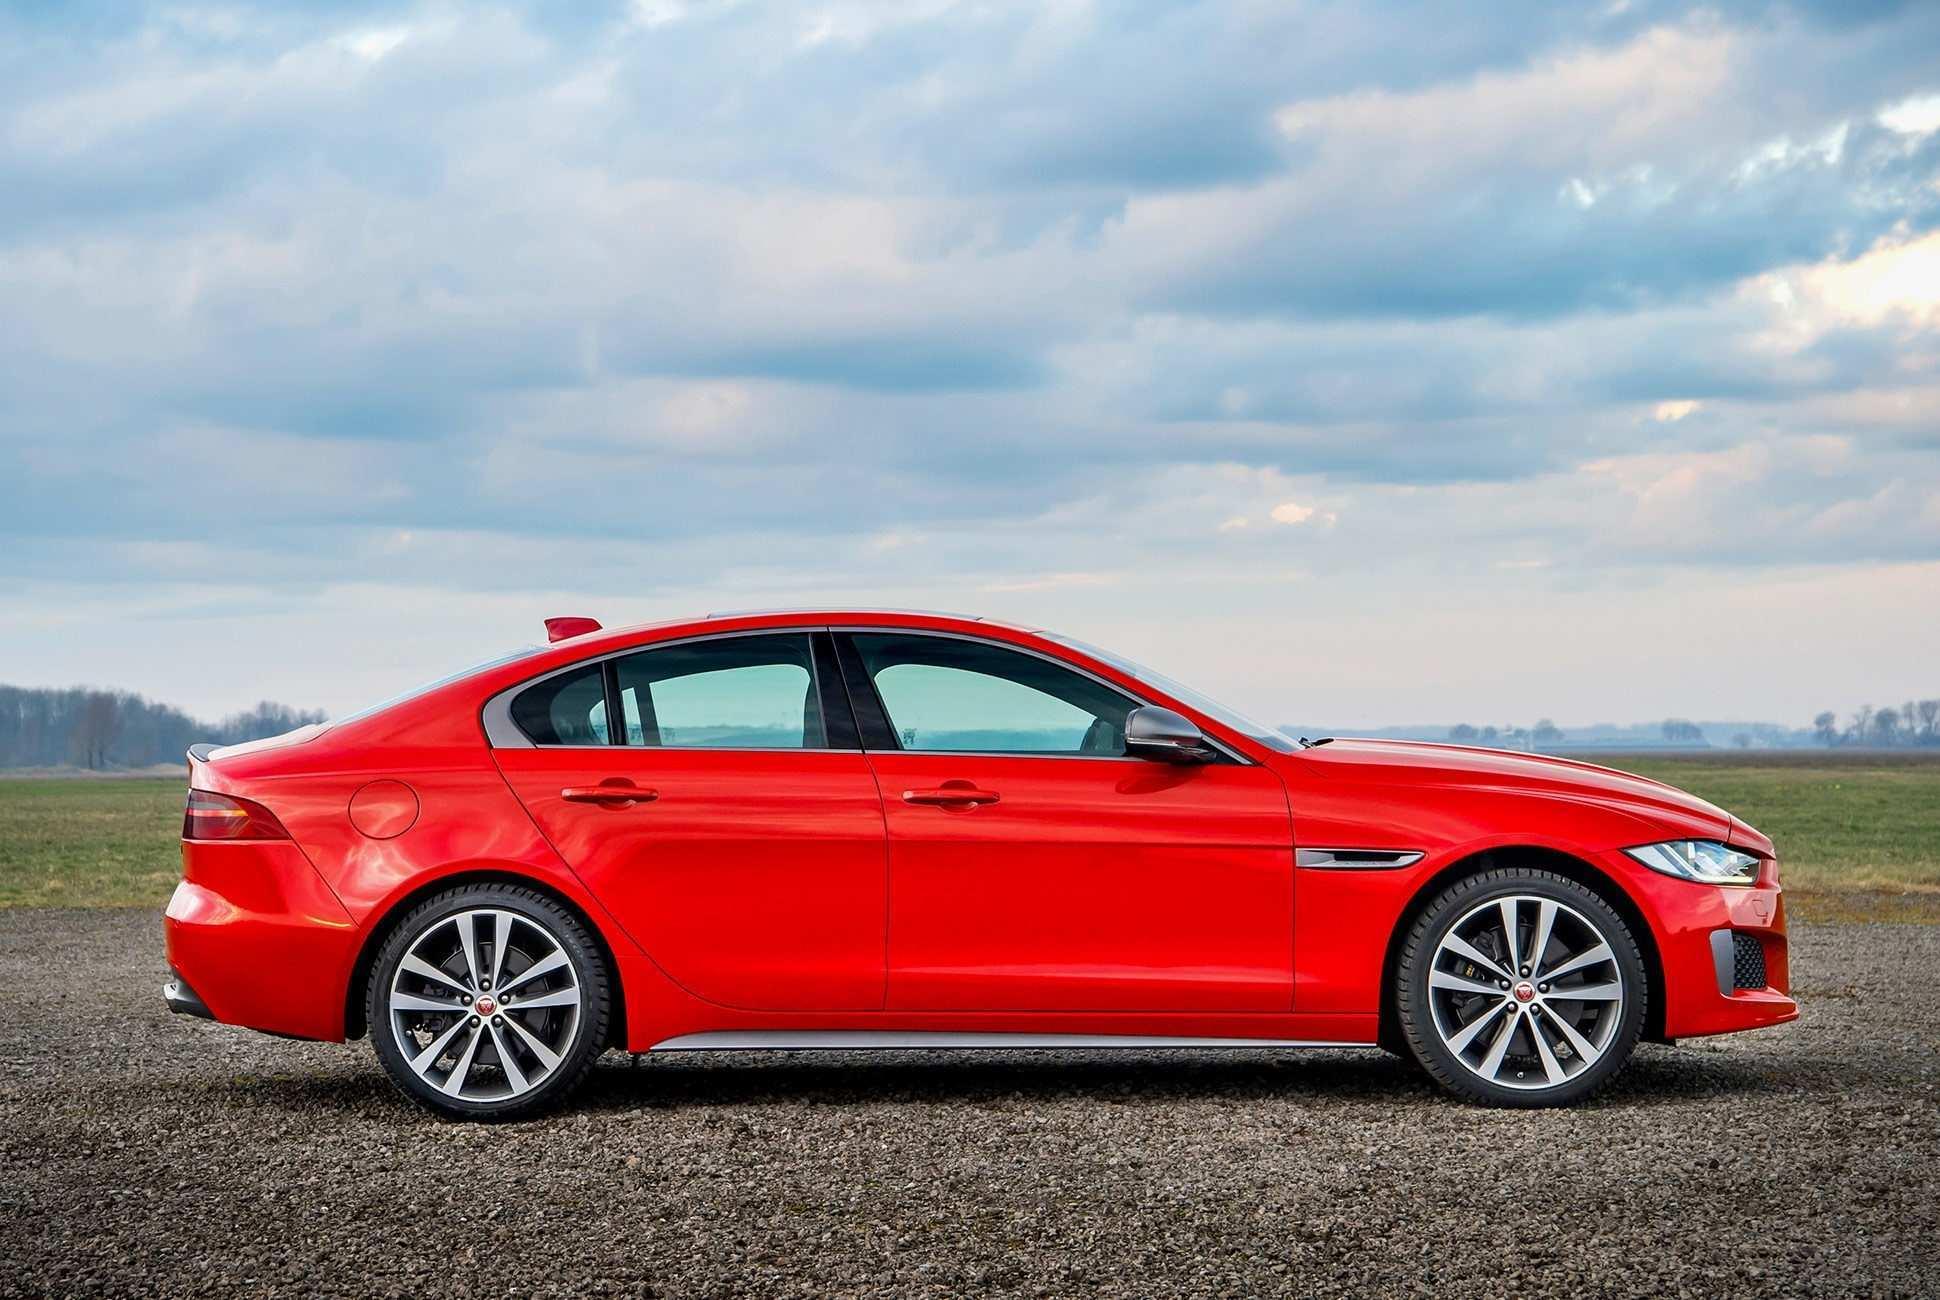 13 Concept of The 2019 Jaguar Vehicles Concept Redesign And Review Redesign by The 2019 Jaguar Vehicles Concept Redesign And Review